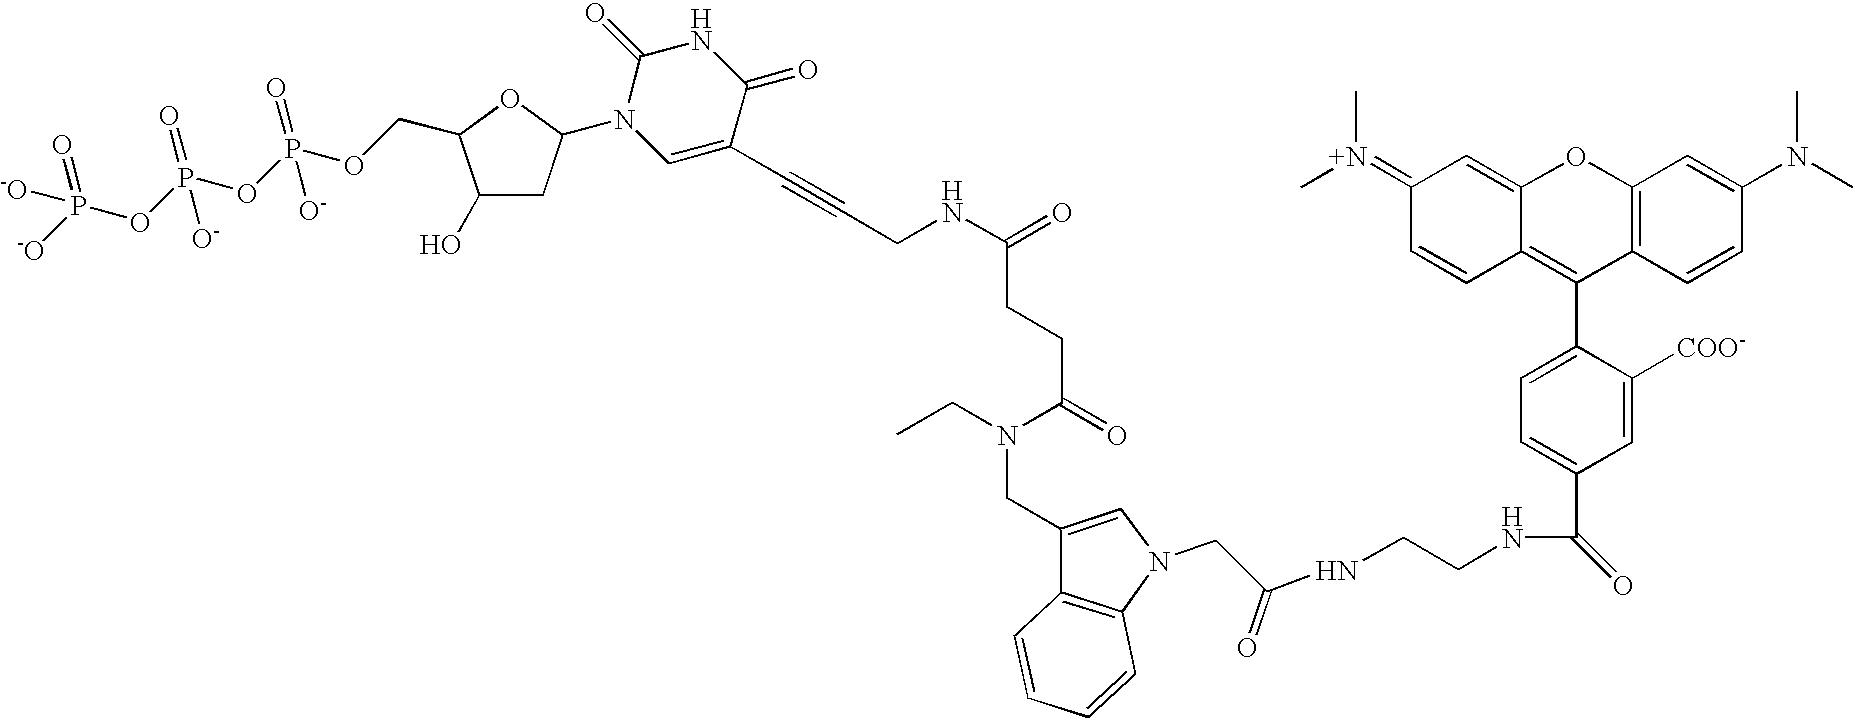 Figure US07057026-20060606-C00007